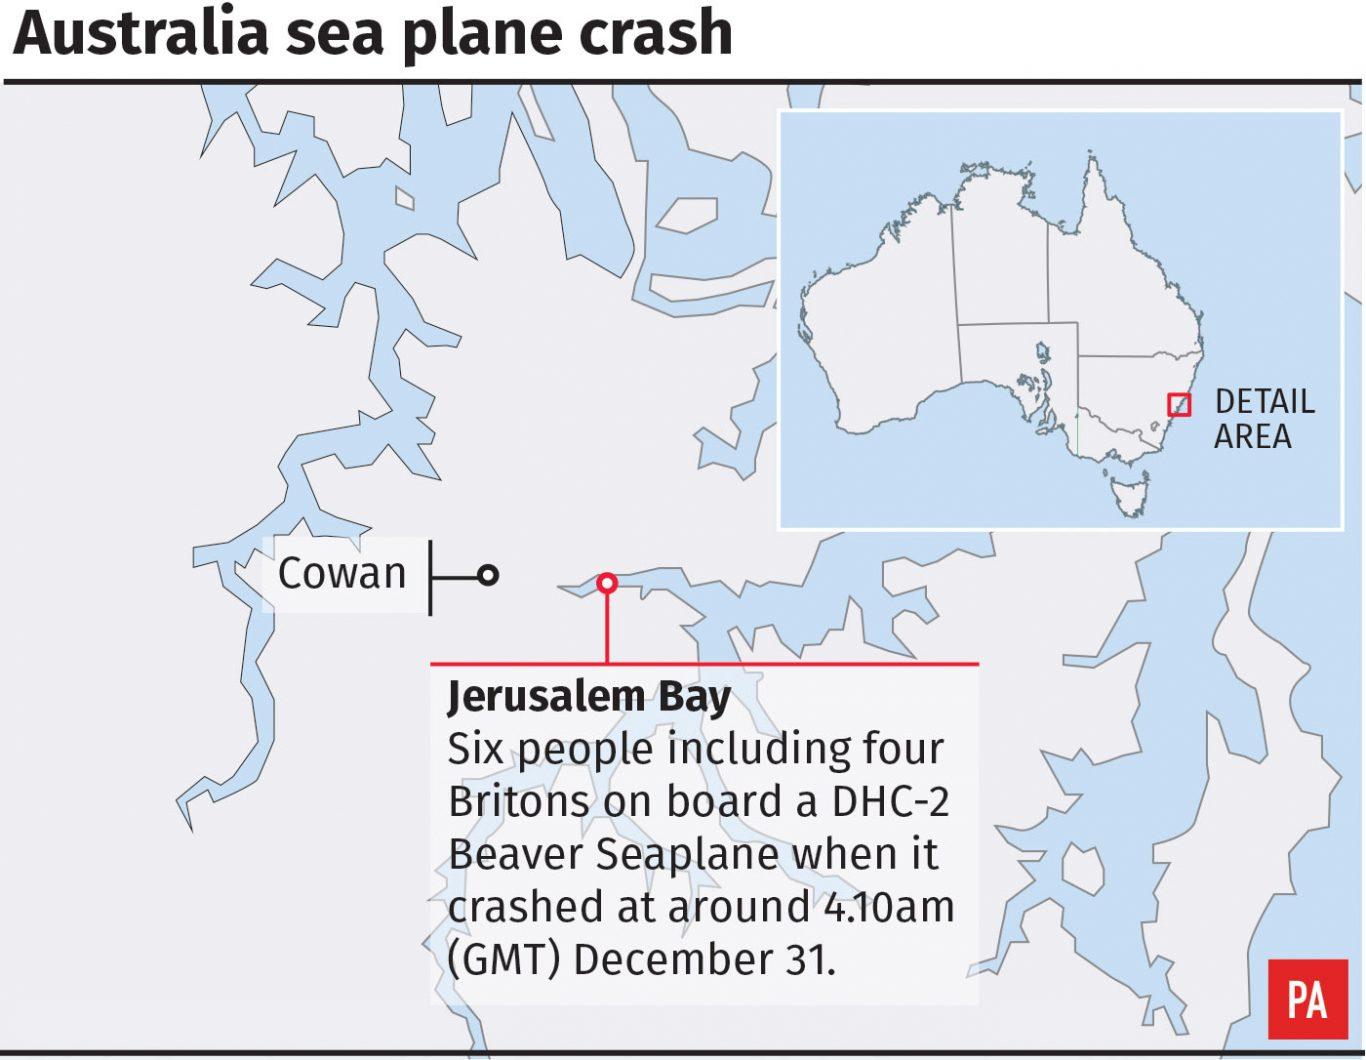 Australia sea plane crash